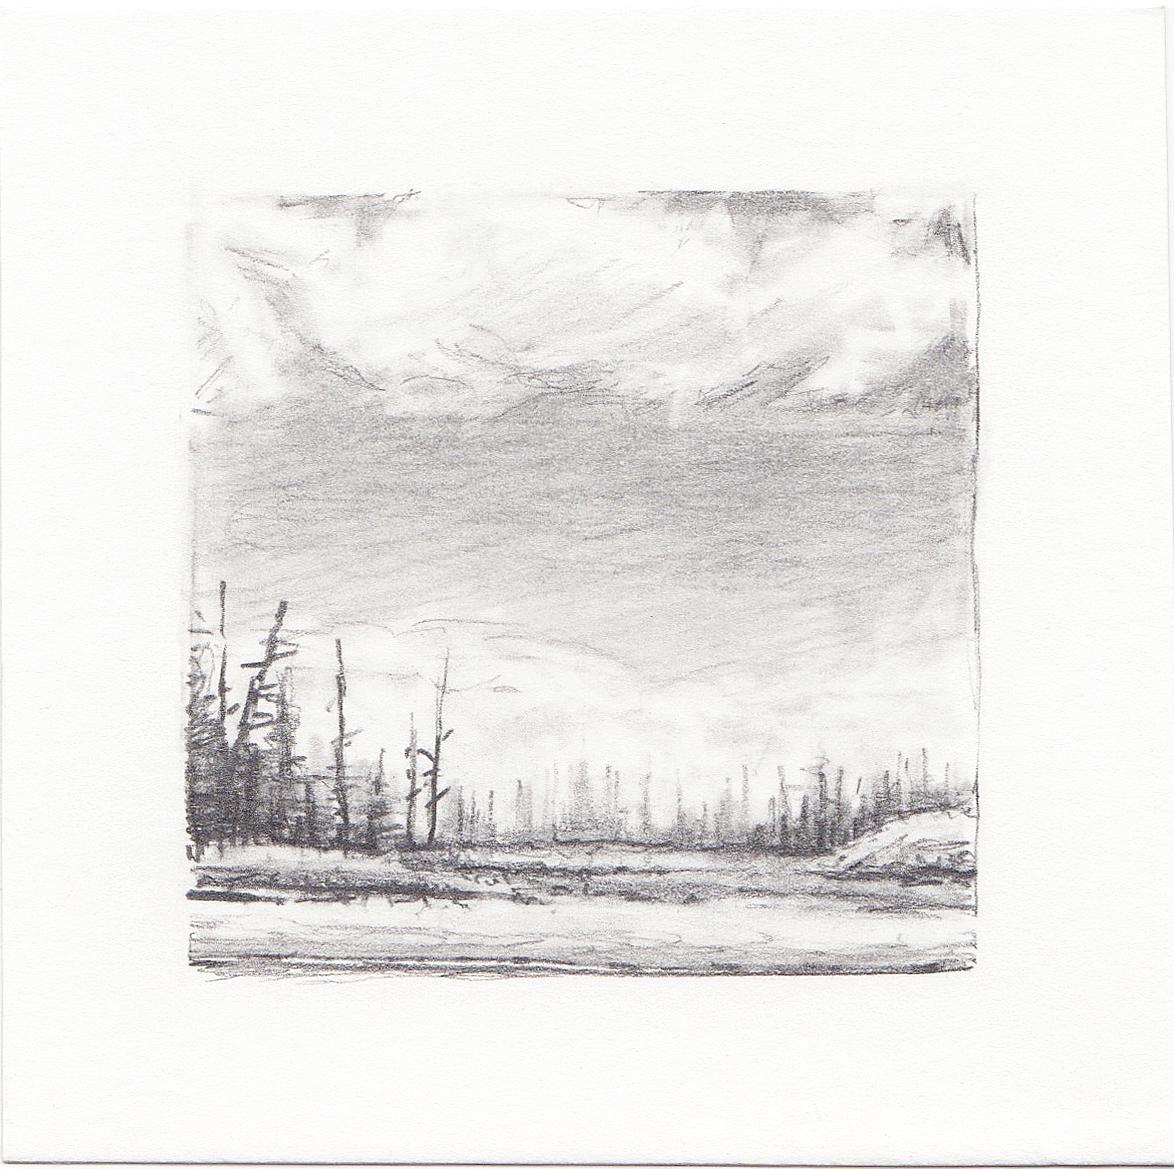 #51 Long Lake, Uinta Mountains, Utah | 3x3 | graphite